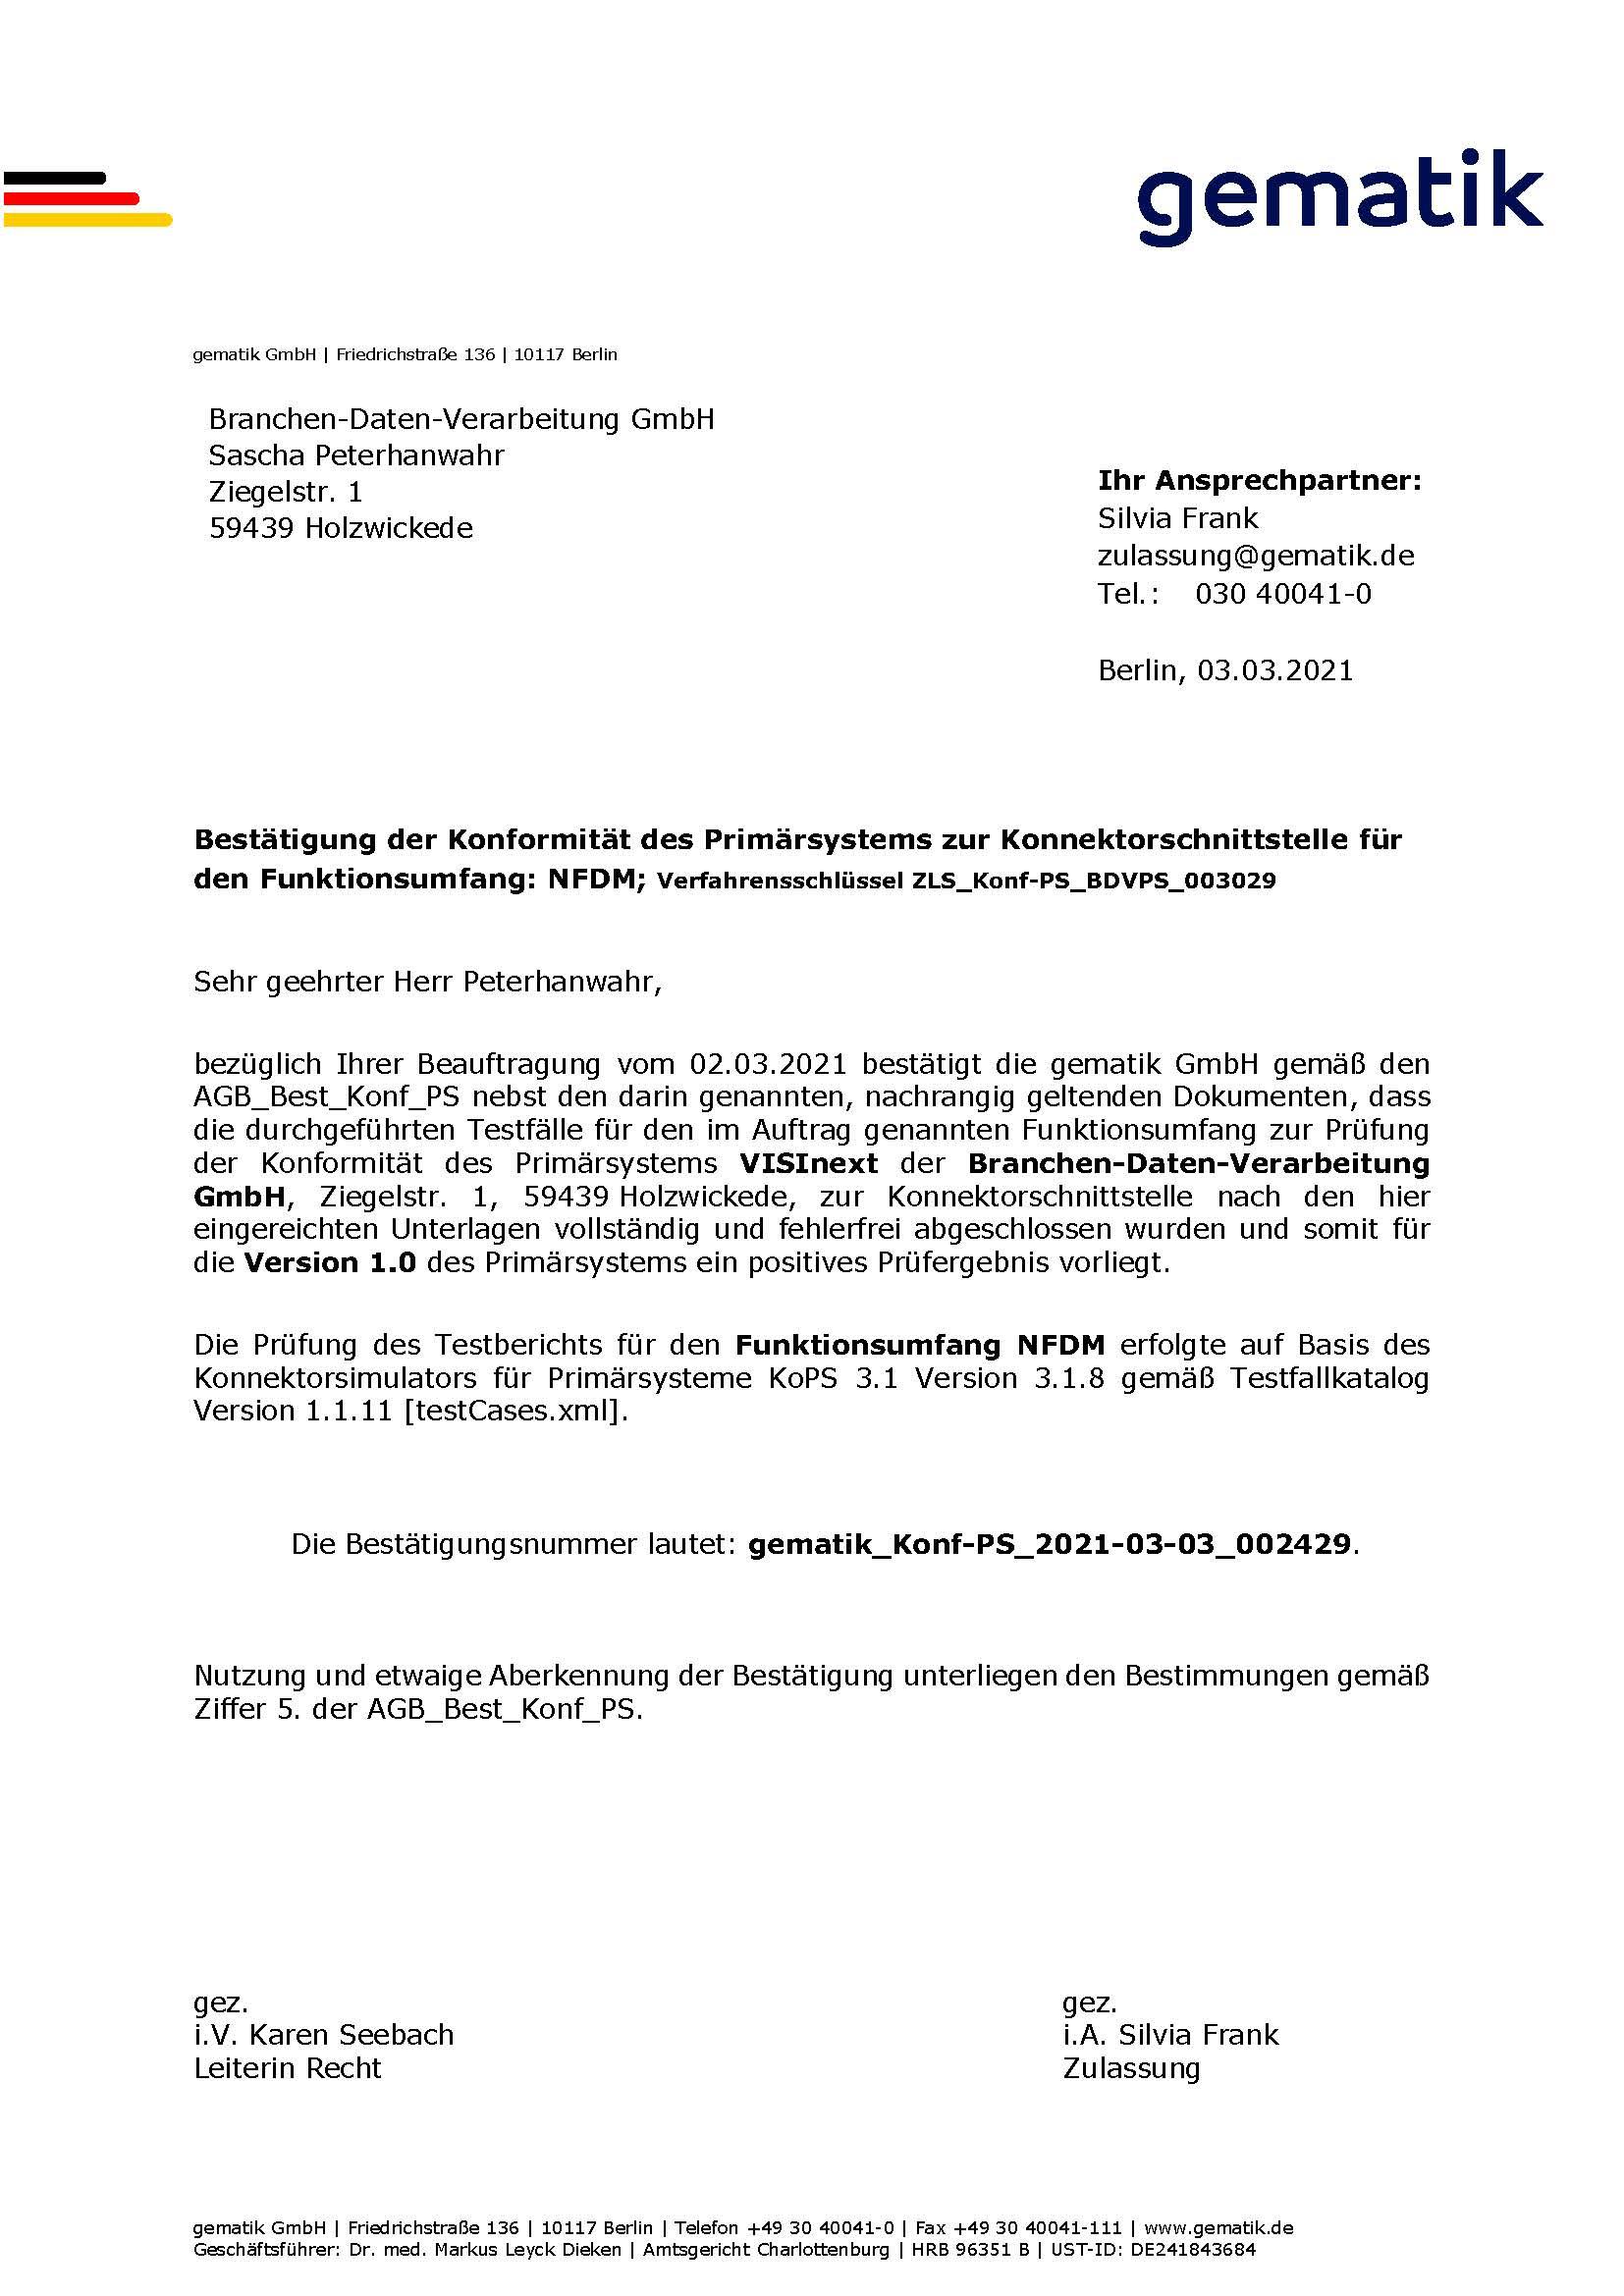 VISInext NFDM-Modul der BDV GmbH - Telematikinfrastruktur - gematik Zulassung